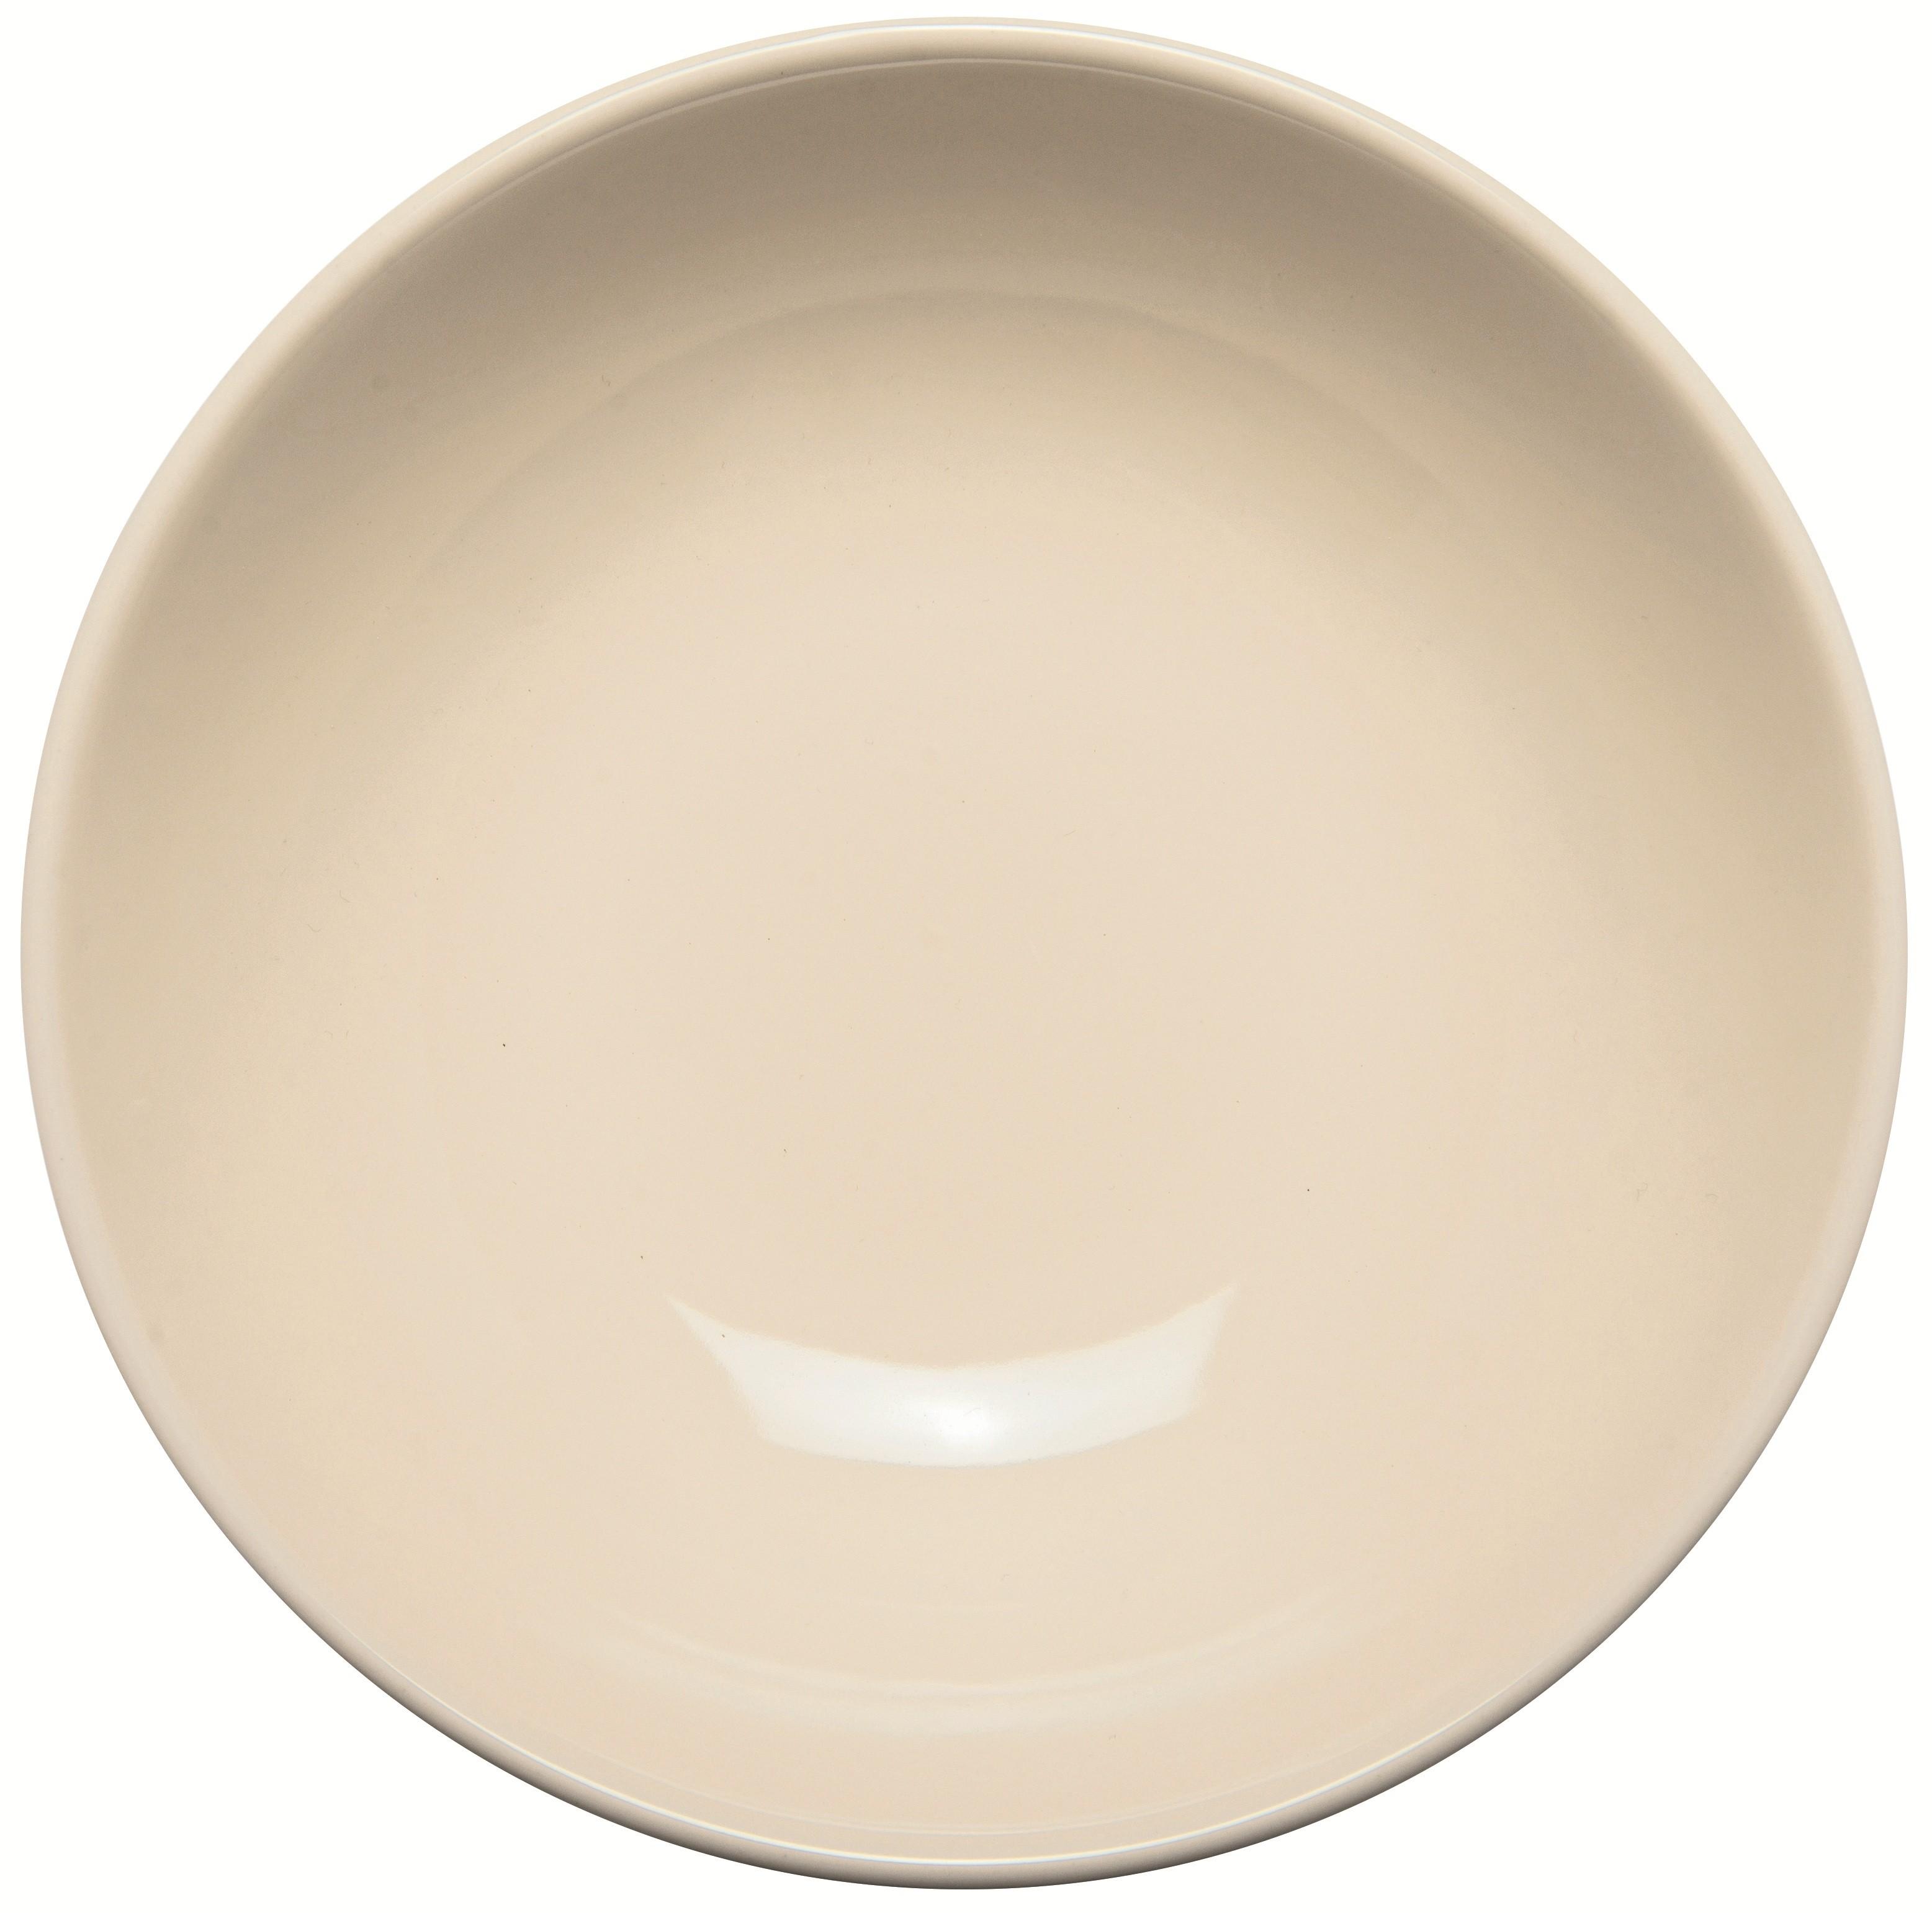 Πιάτο Βαθύ 22cm Κεραμικό Μπεζ Happy Ware Alfa